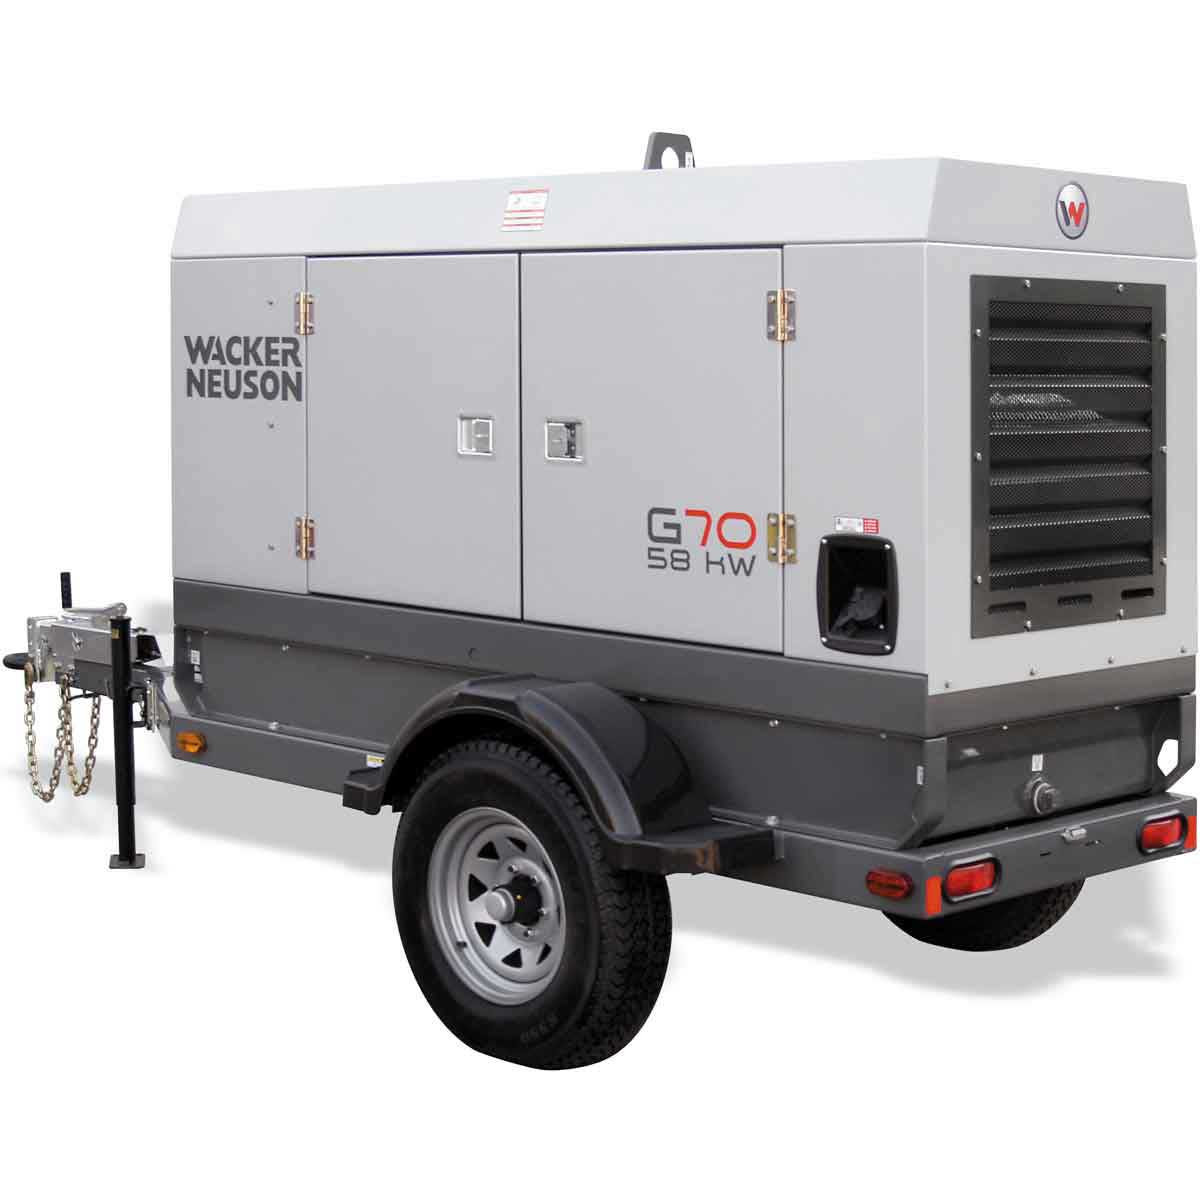 G50 G70 Mobile generator Wacker Neuson